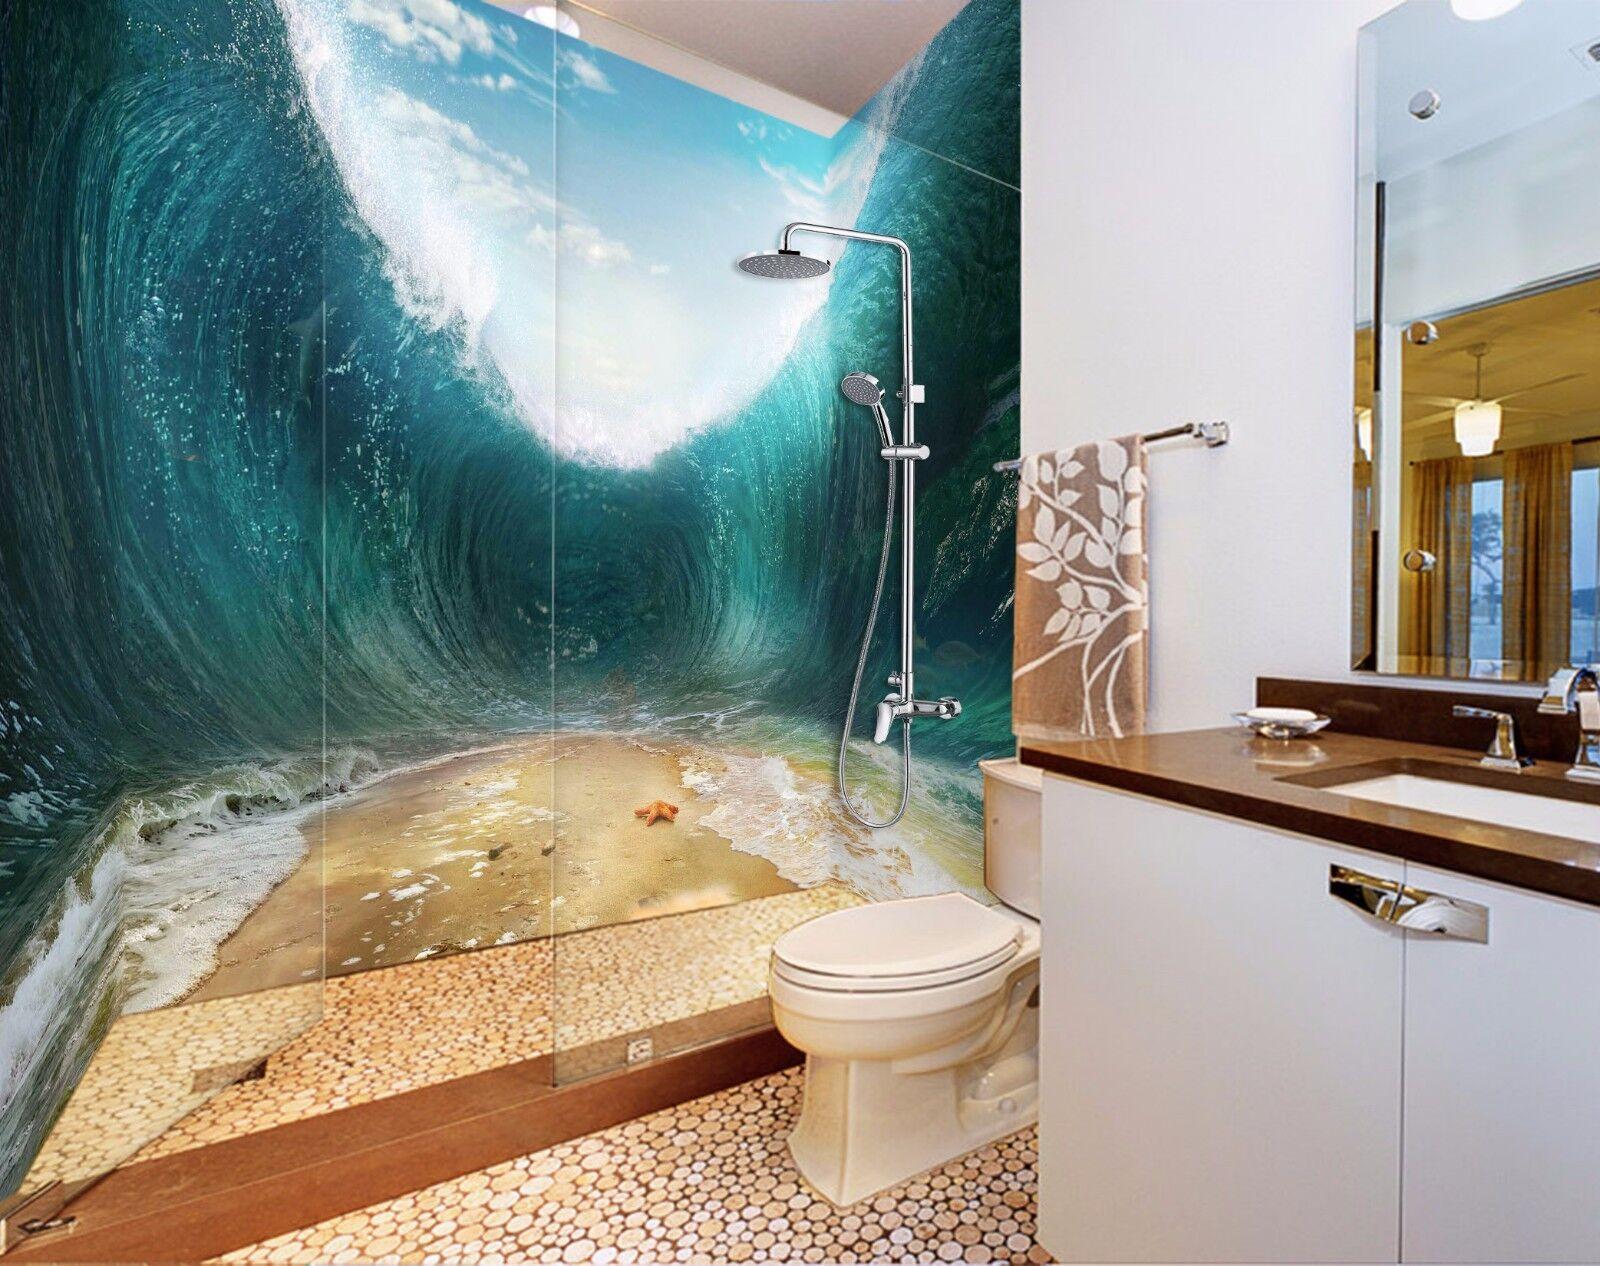 3D Vortex  7157  WallPaper Bathroom Print Decal Wall Deco AJ WALLPAPER AU